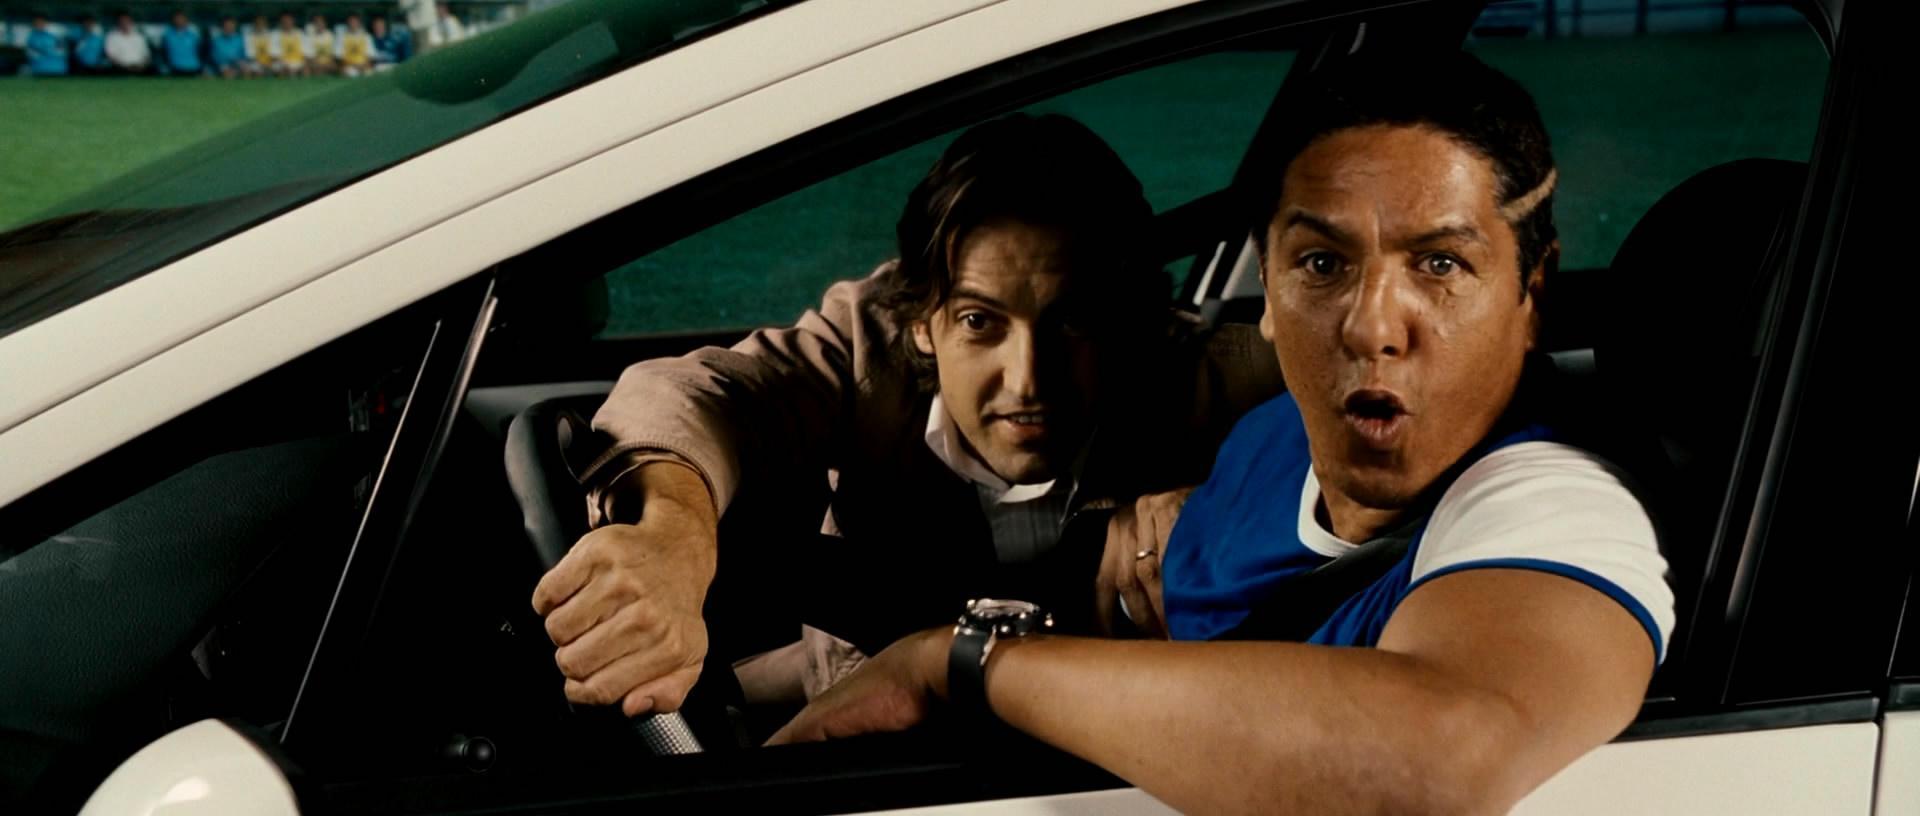 С диспетчером такси порно 21 фотография